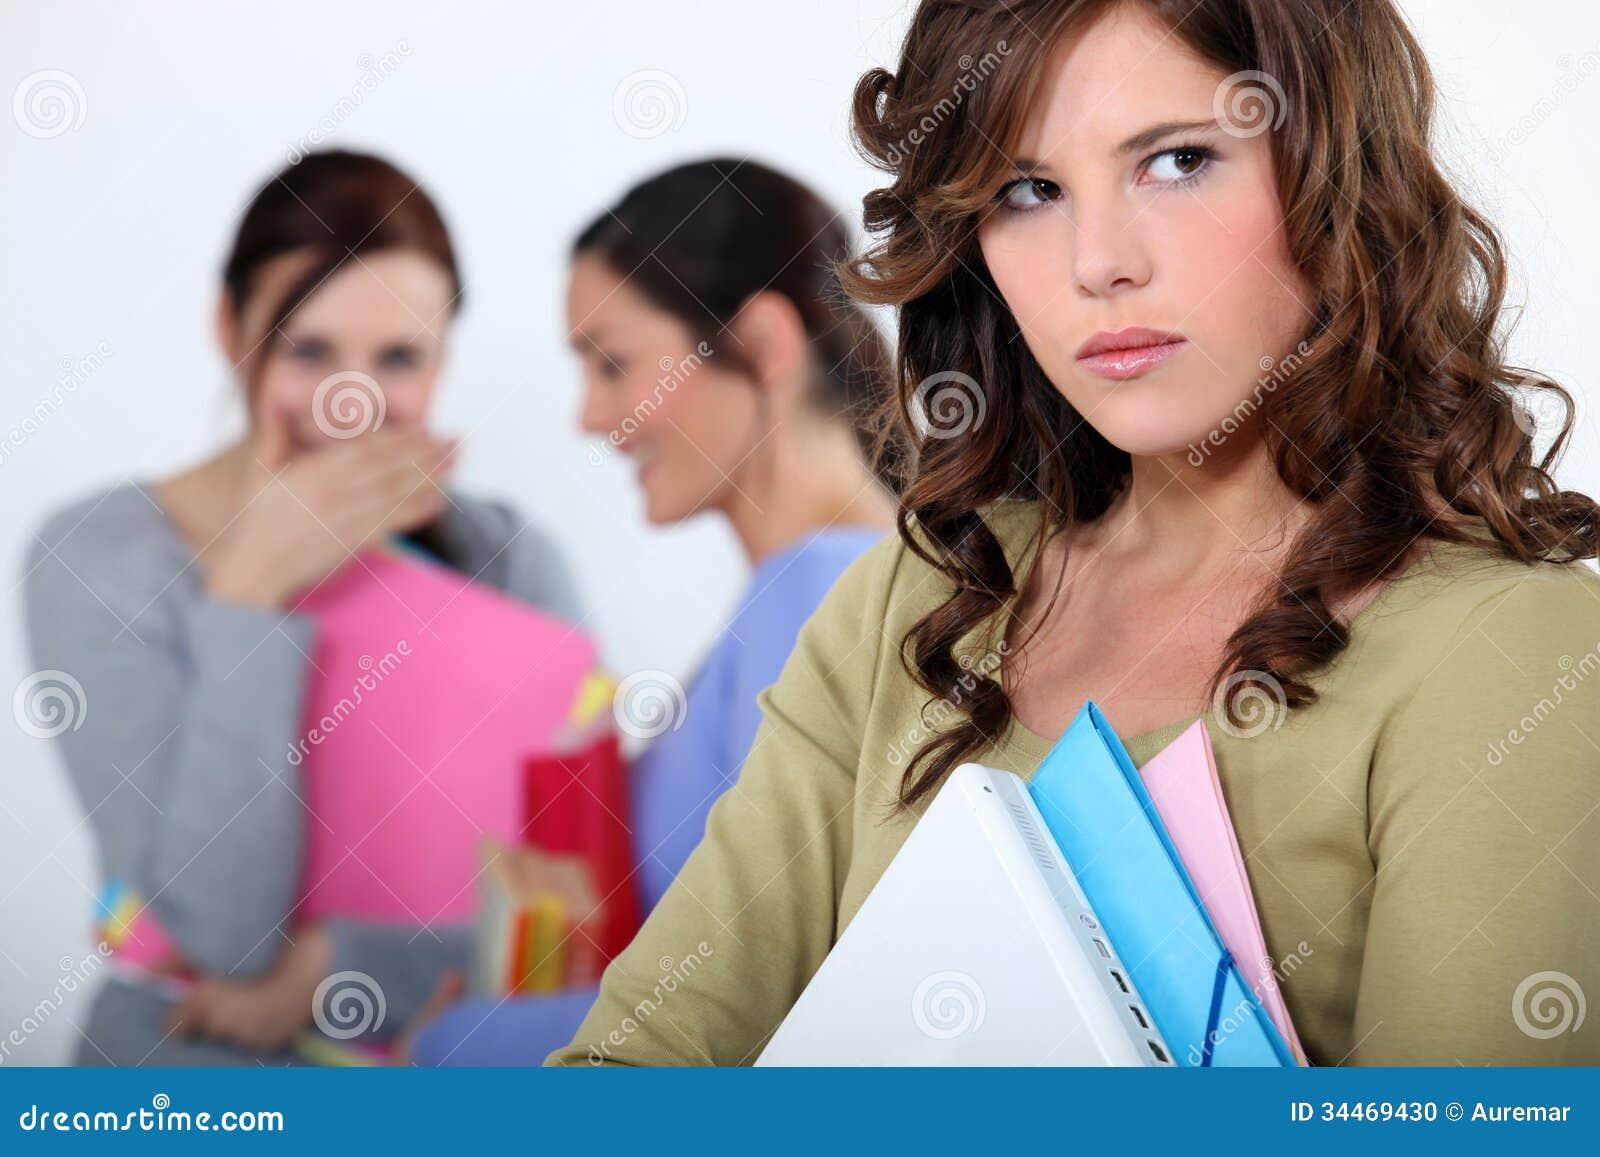 girl being mocked stock photo  image of gossip  people